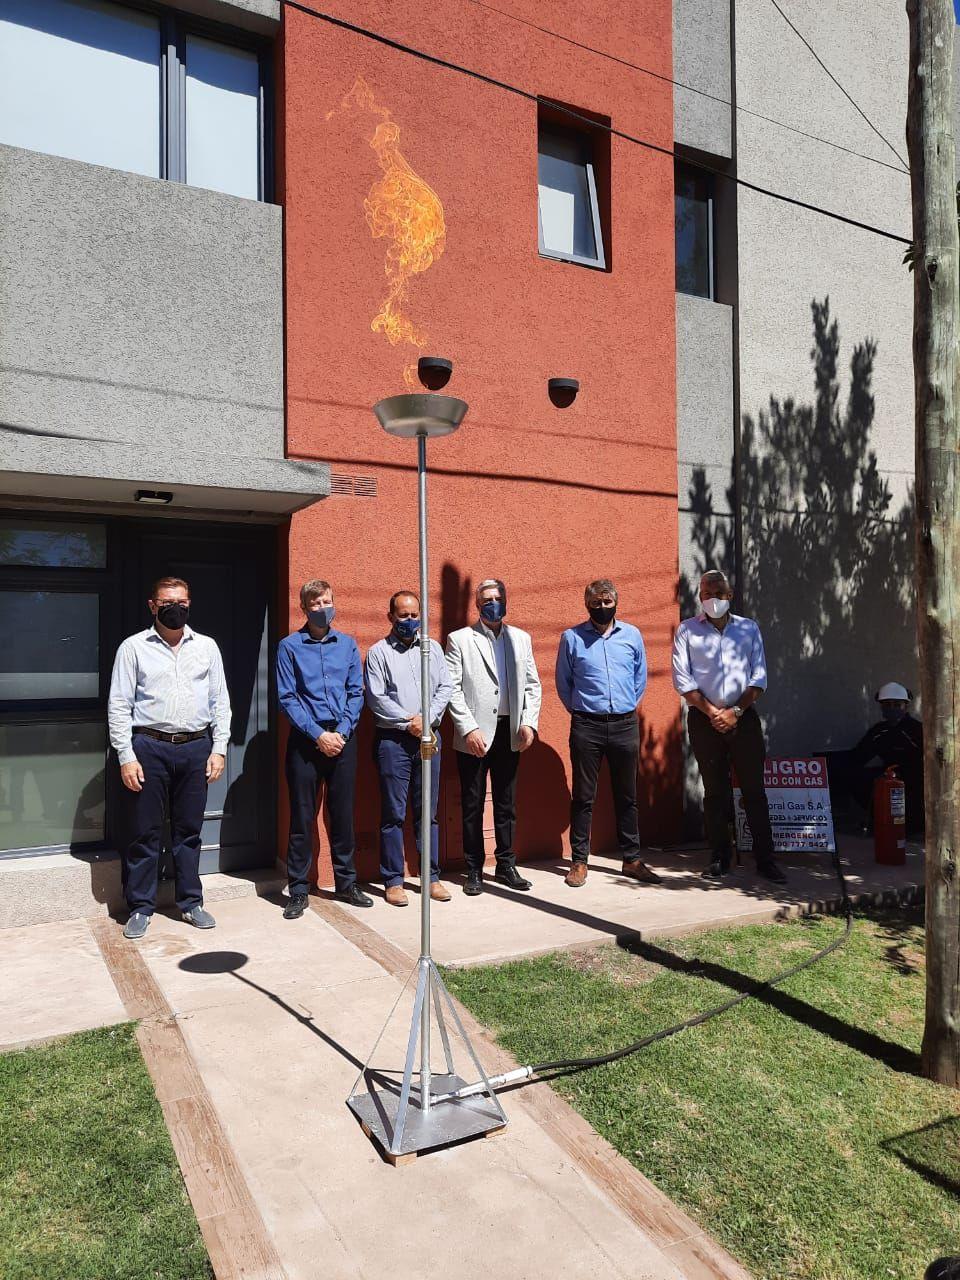 LITORAL GAS: inauguró la red de gas natural en San Justo, provincia de Santa Fe con un tendido de 41,75 kilómetros